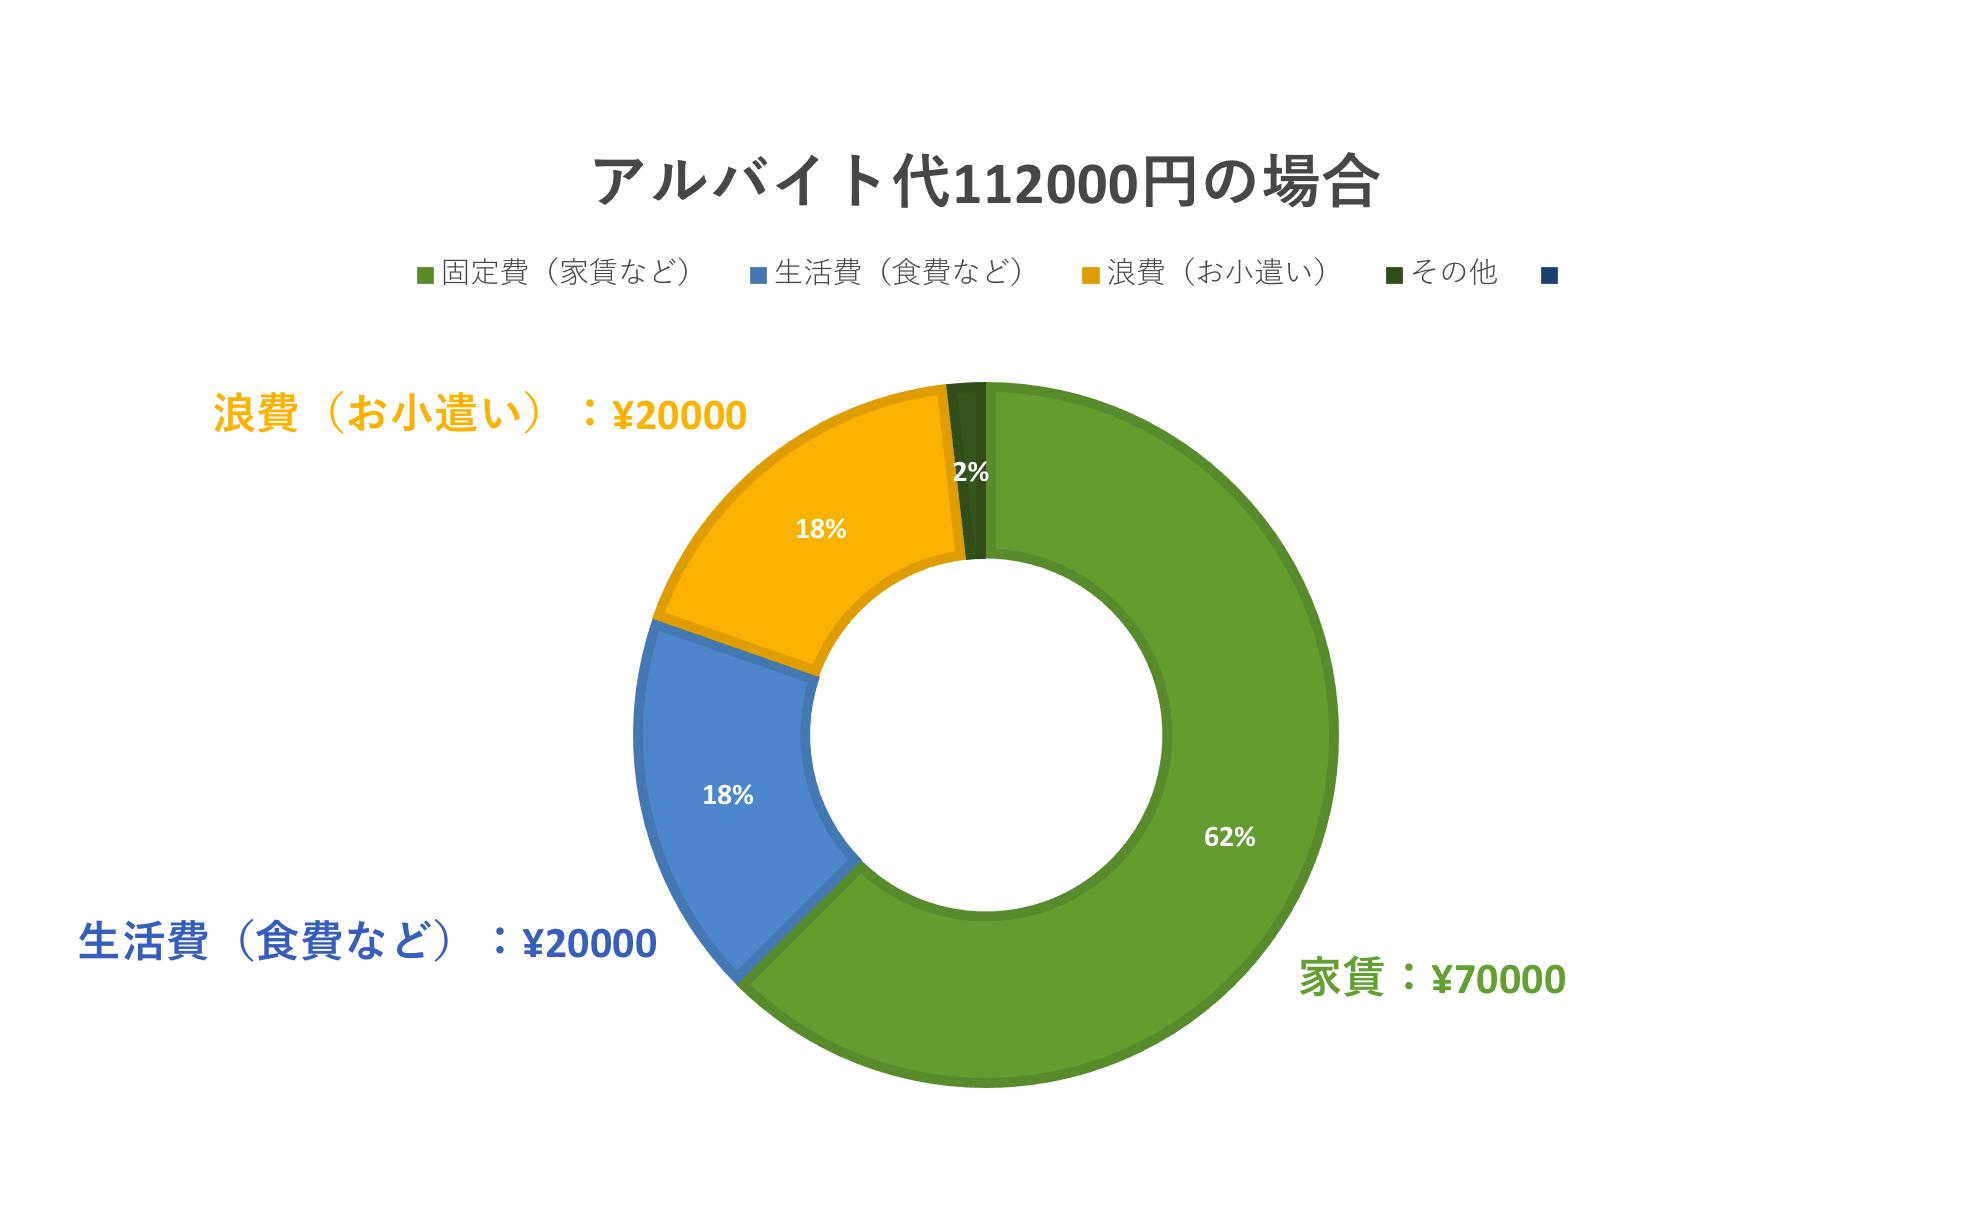 アルバイト代の使い道 家賃¥70000、生活費¥20000、お小遣い¥20000